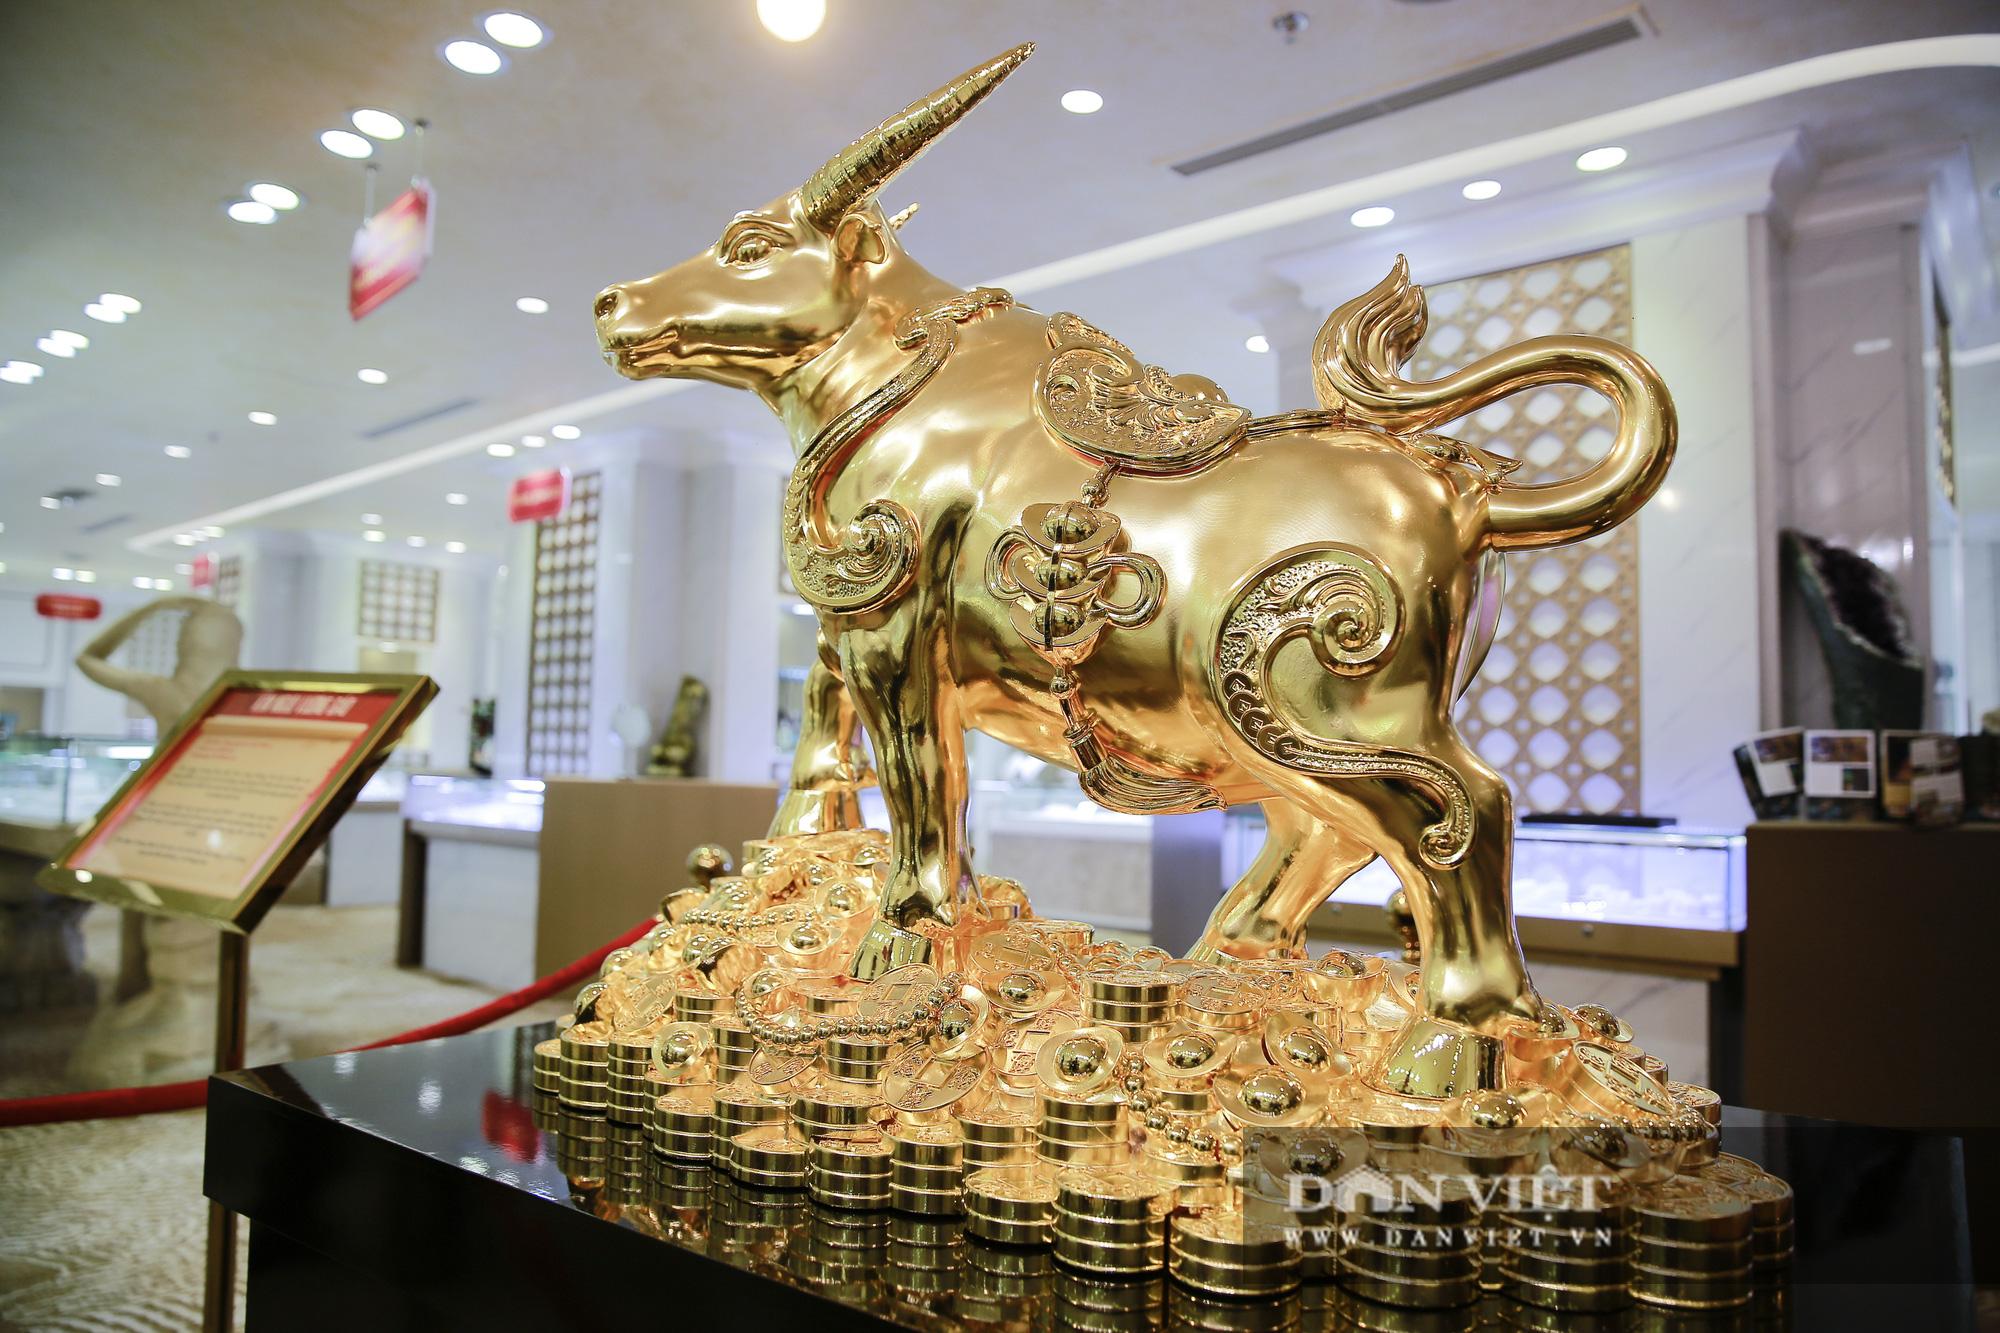 """Chiêm ngưỡng """"Kim Ngưu Vương Bảo"""" đúc từ 530 cây vàng trị giá 38 tỷ đồng - Ảnh 3."""